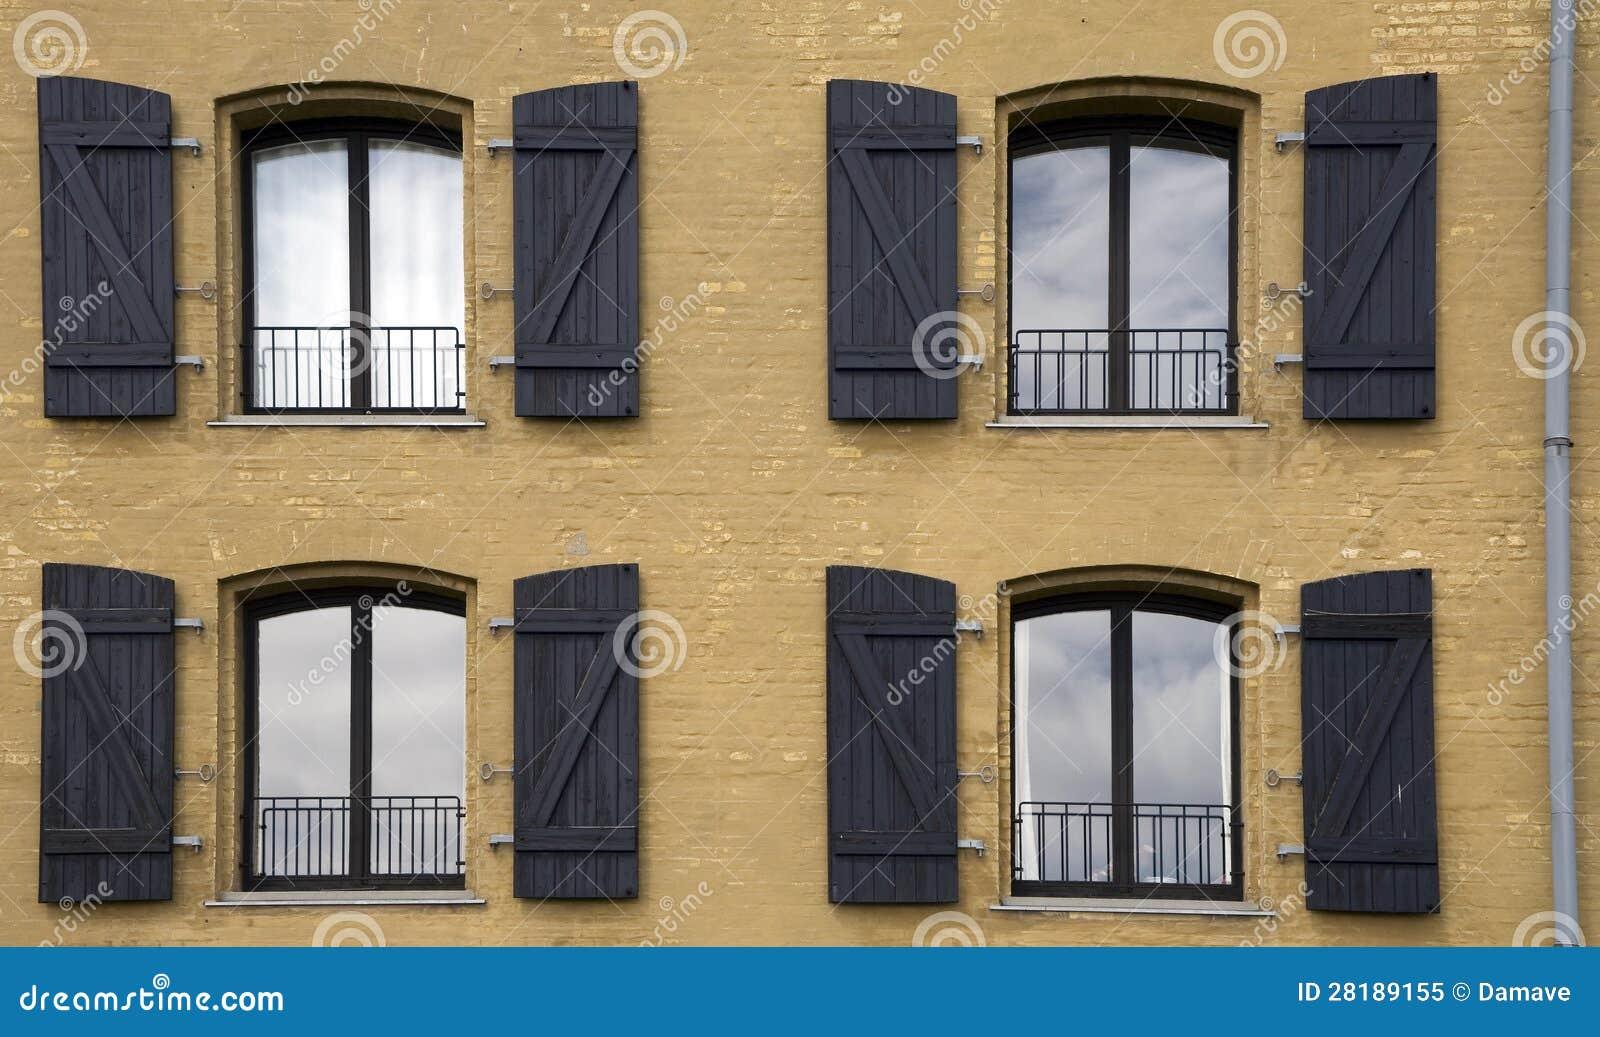 Quattro finestre sulla facciata di una casa immagine stock - La casa con le finestre che ridono ...